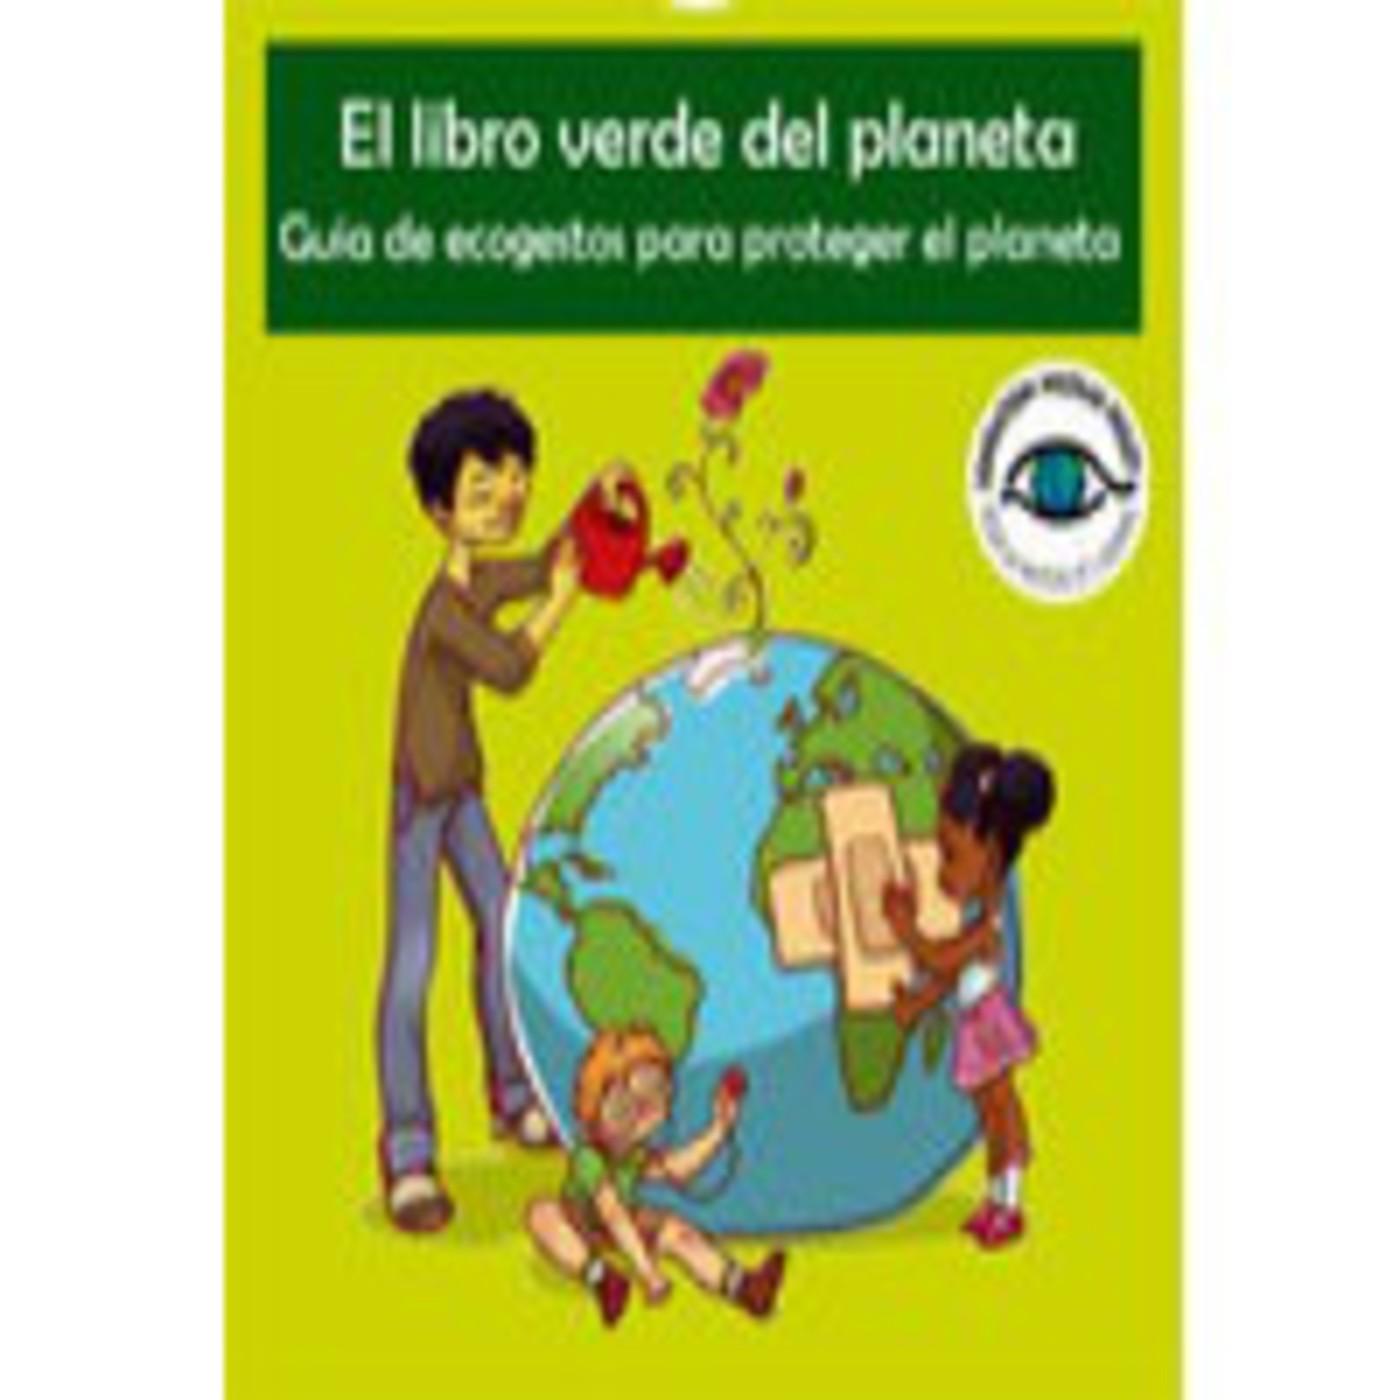 El libro verde del planeta. Guía de ecogestos